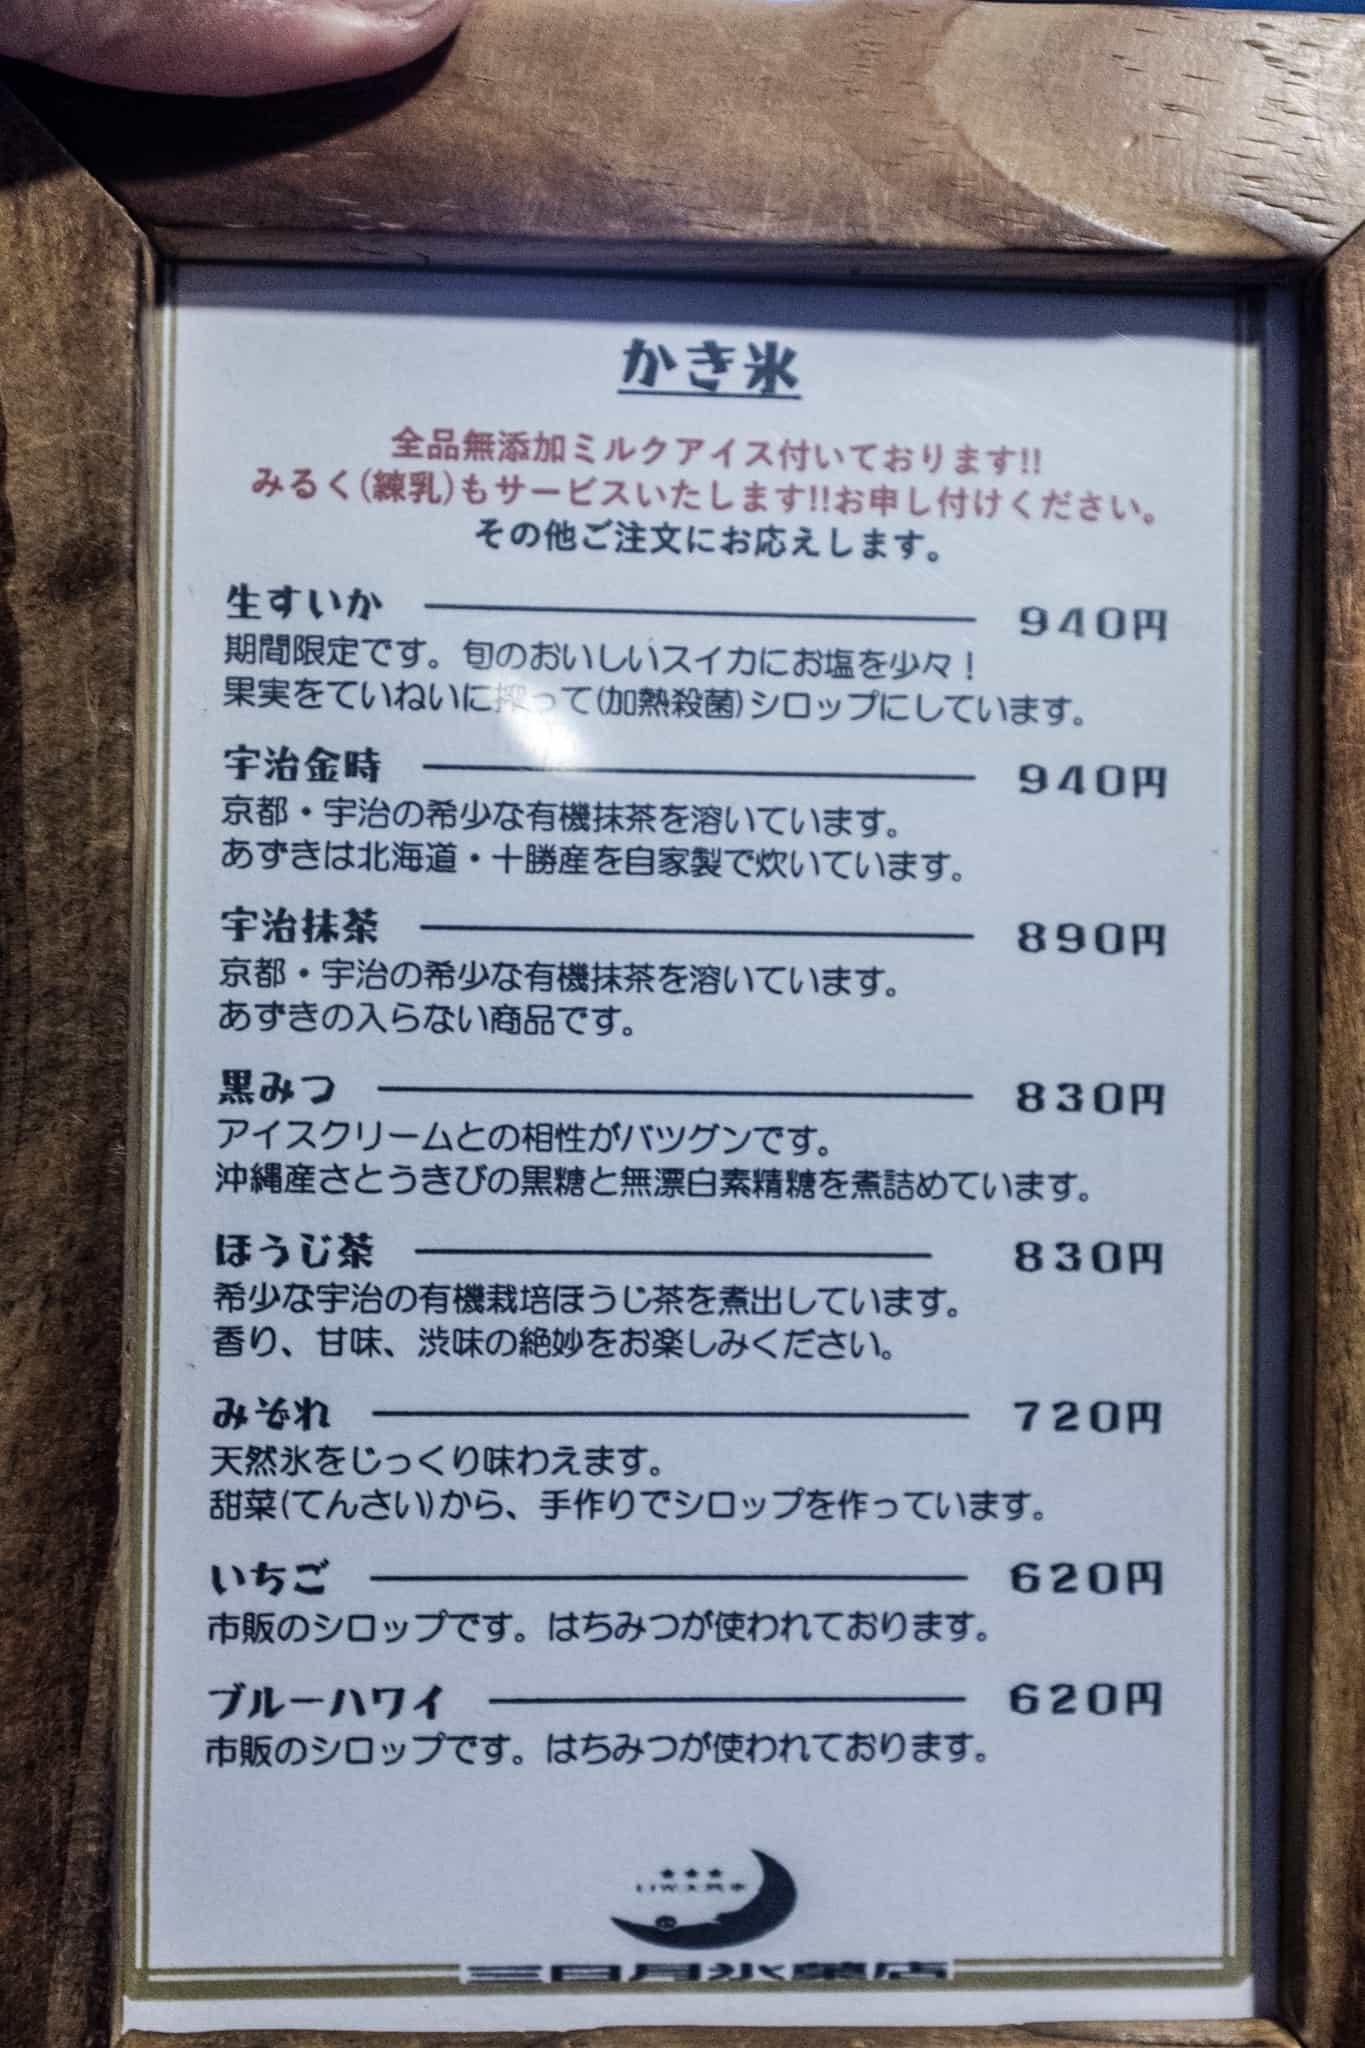 三日月氷菓店のメニュー